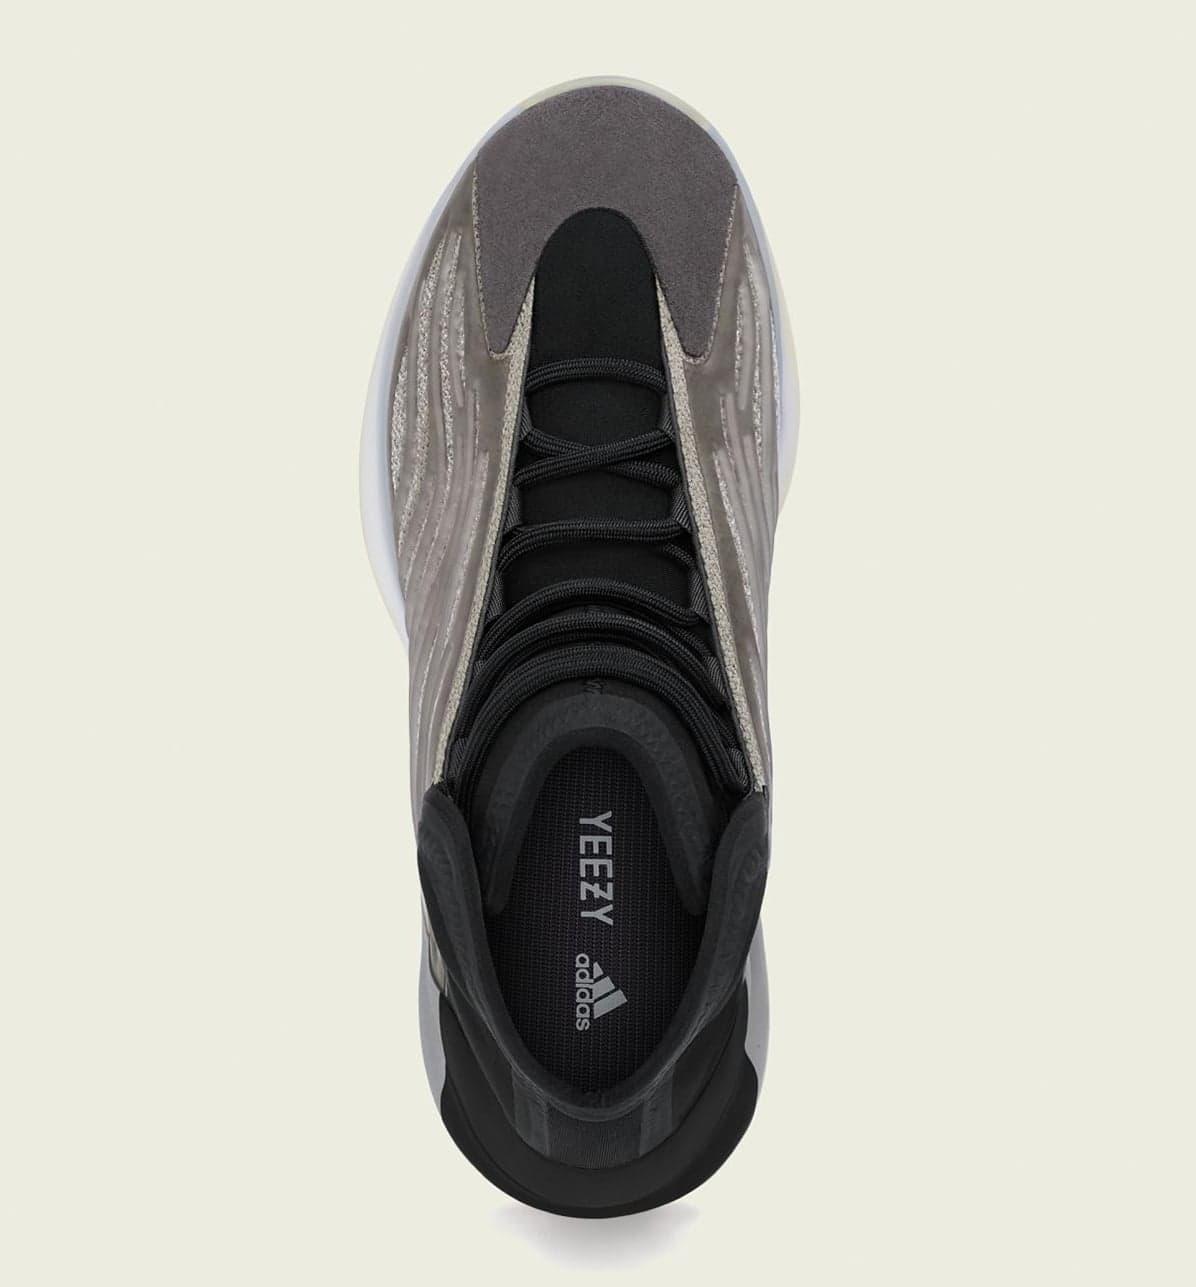 Adidas Yeezy Quantum 'Barium' H68771 Top